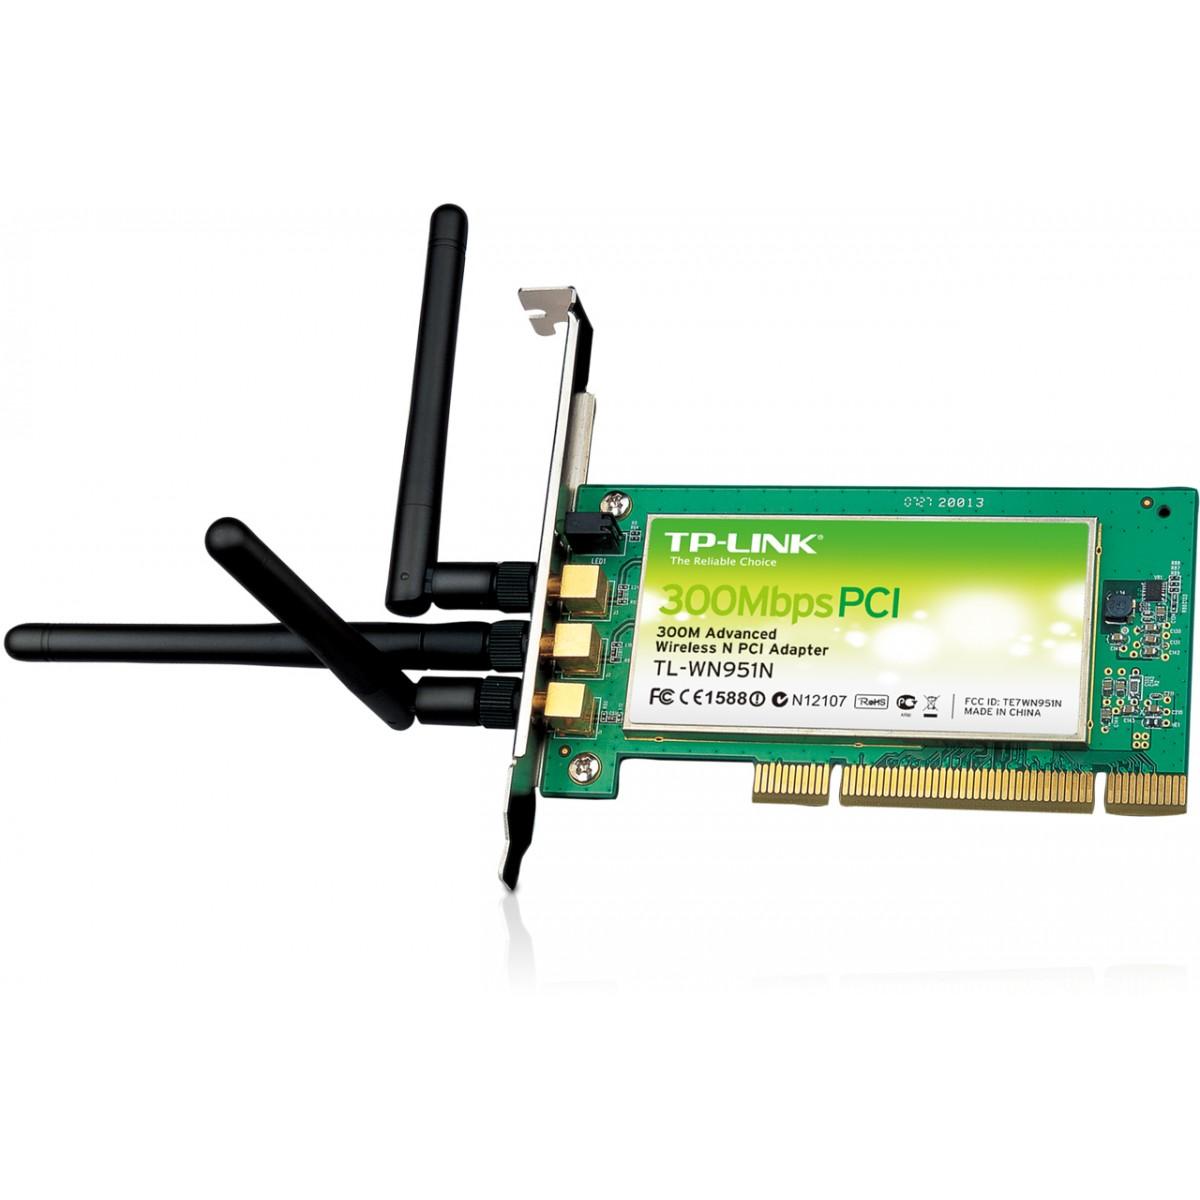 Placa de Rede PCI Wireless TL-WN951N (300Mbps) c/ 03 Antenas - Tplink